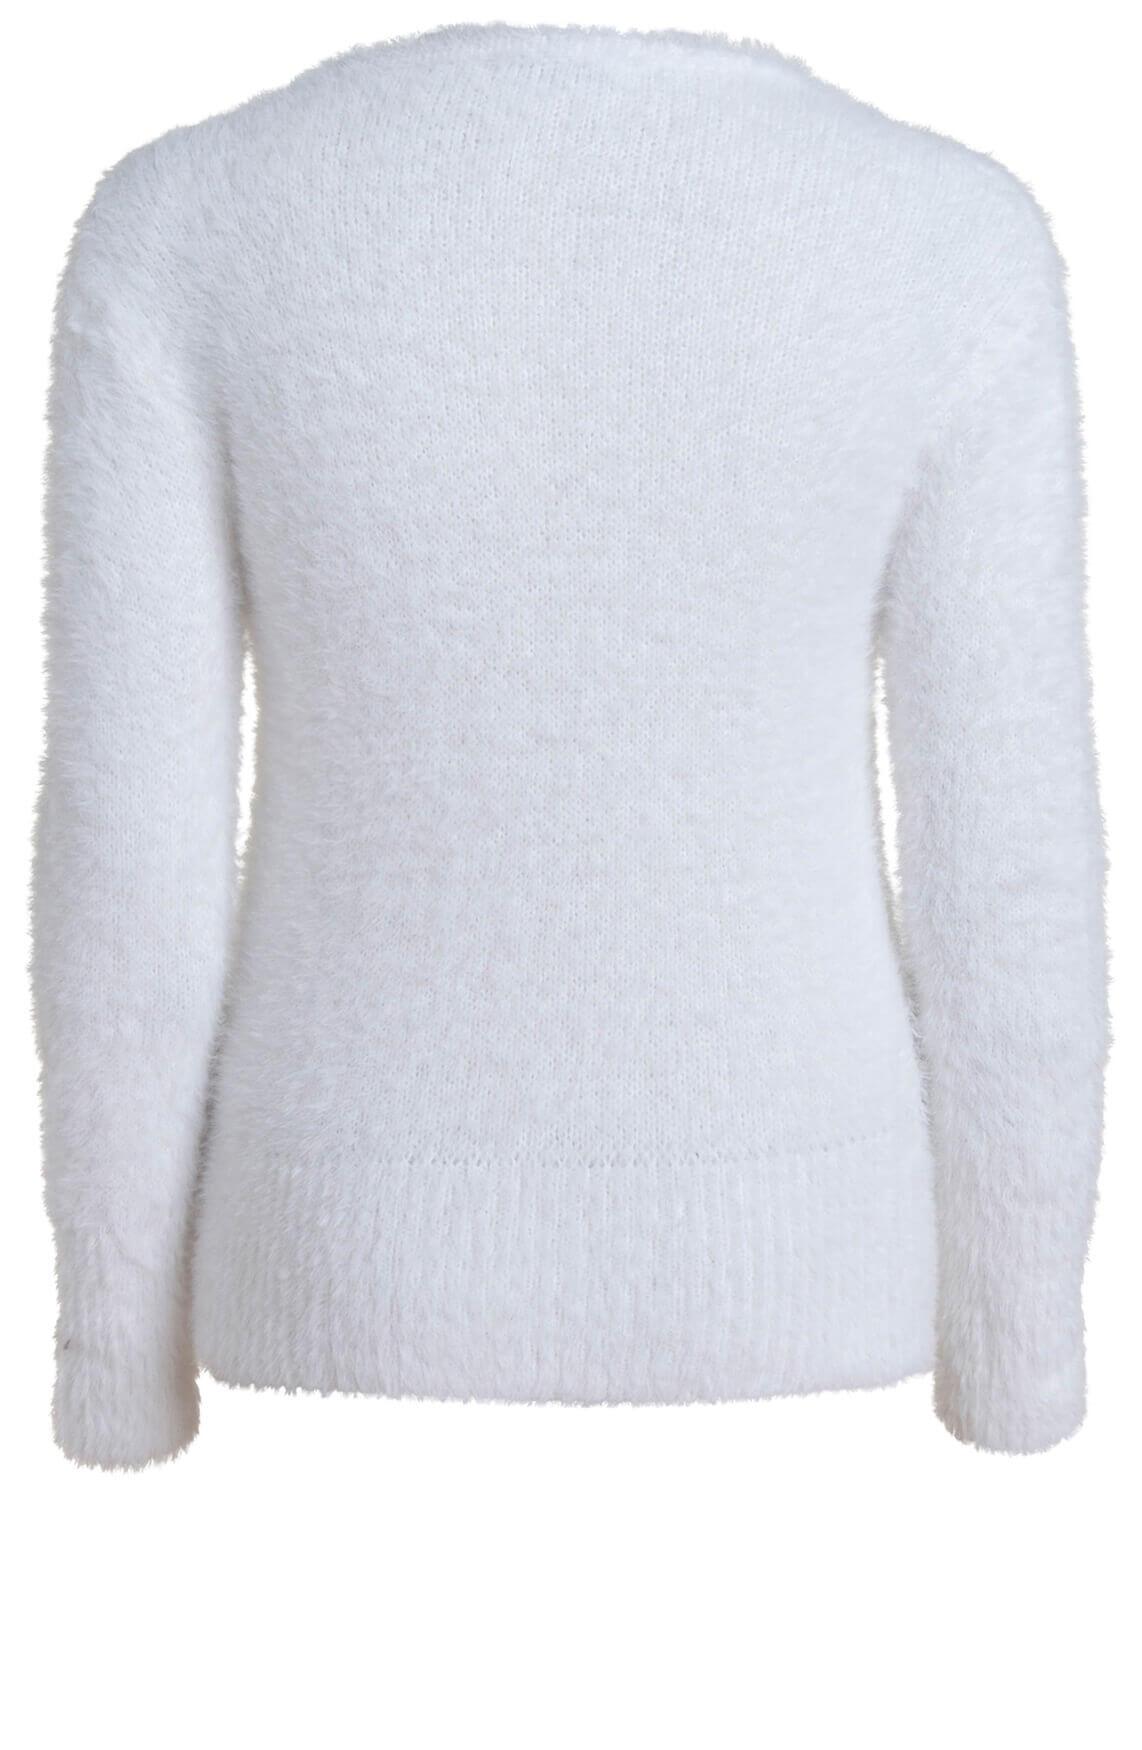 Anna Dames Zachte pullover wit